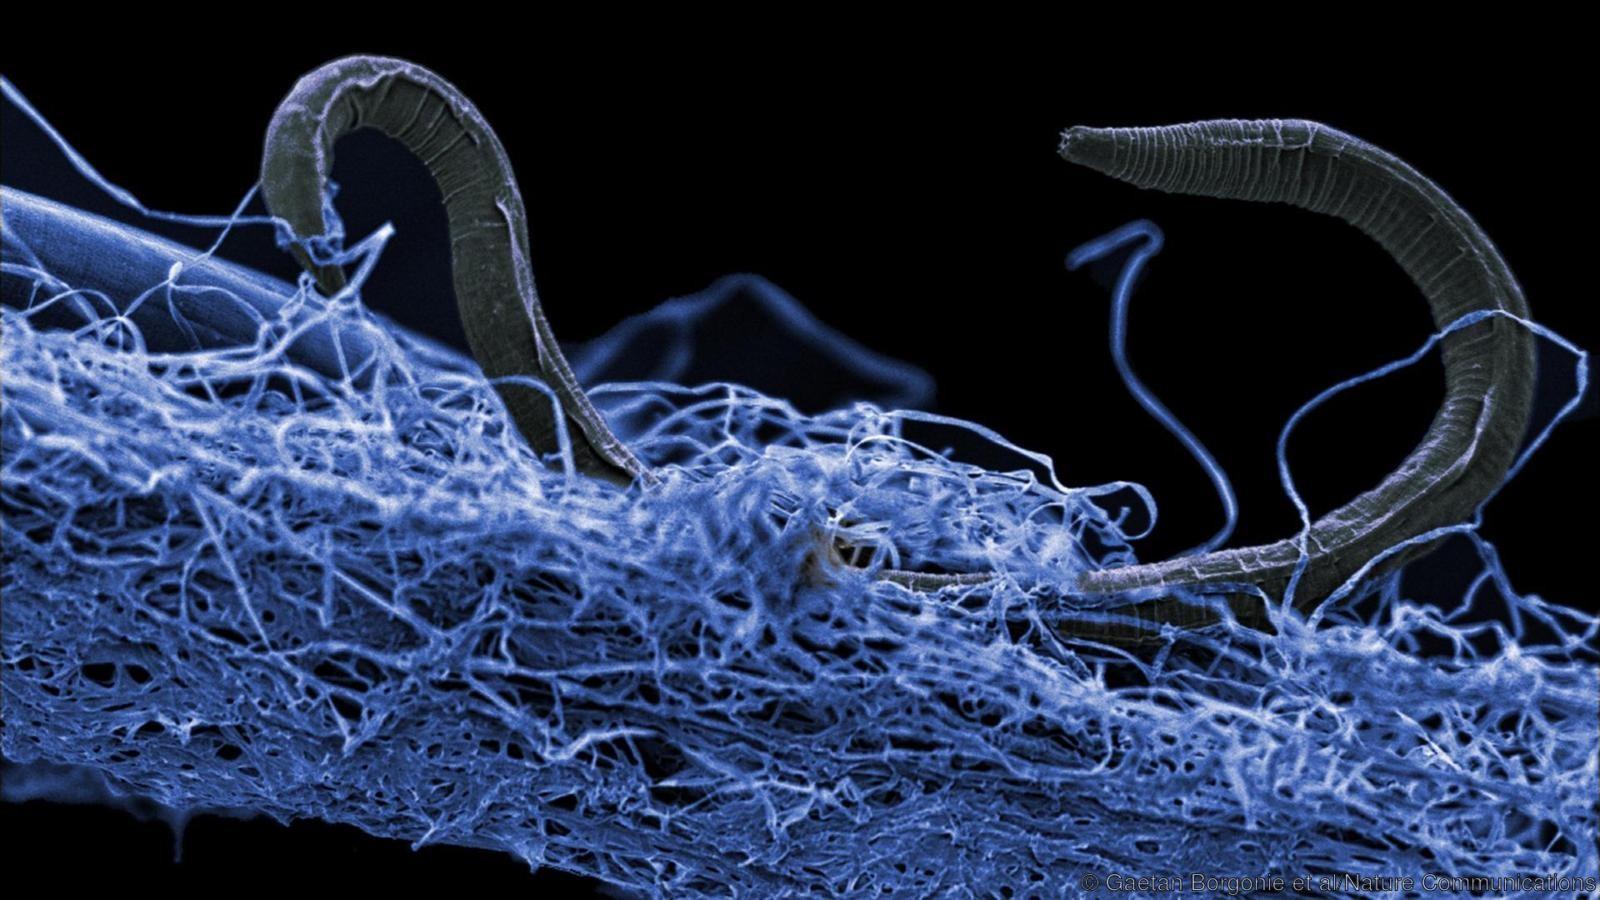 Um nematóide (eucariota) não identificado encontrado na mina de ouro de Kopanang, na África do Sul, 1,4 km abaixo da superfície (Foto:  Gaetan Borgonie / Extreme Life Isyensya)